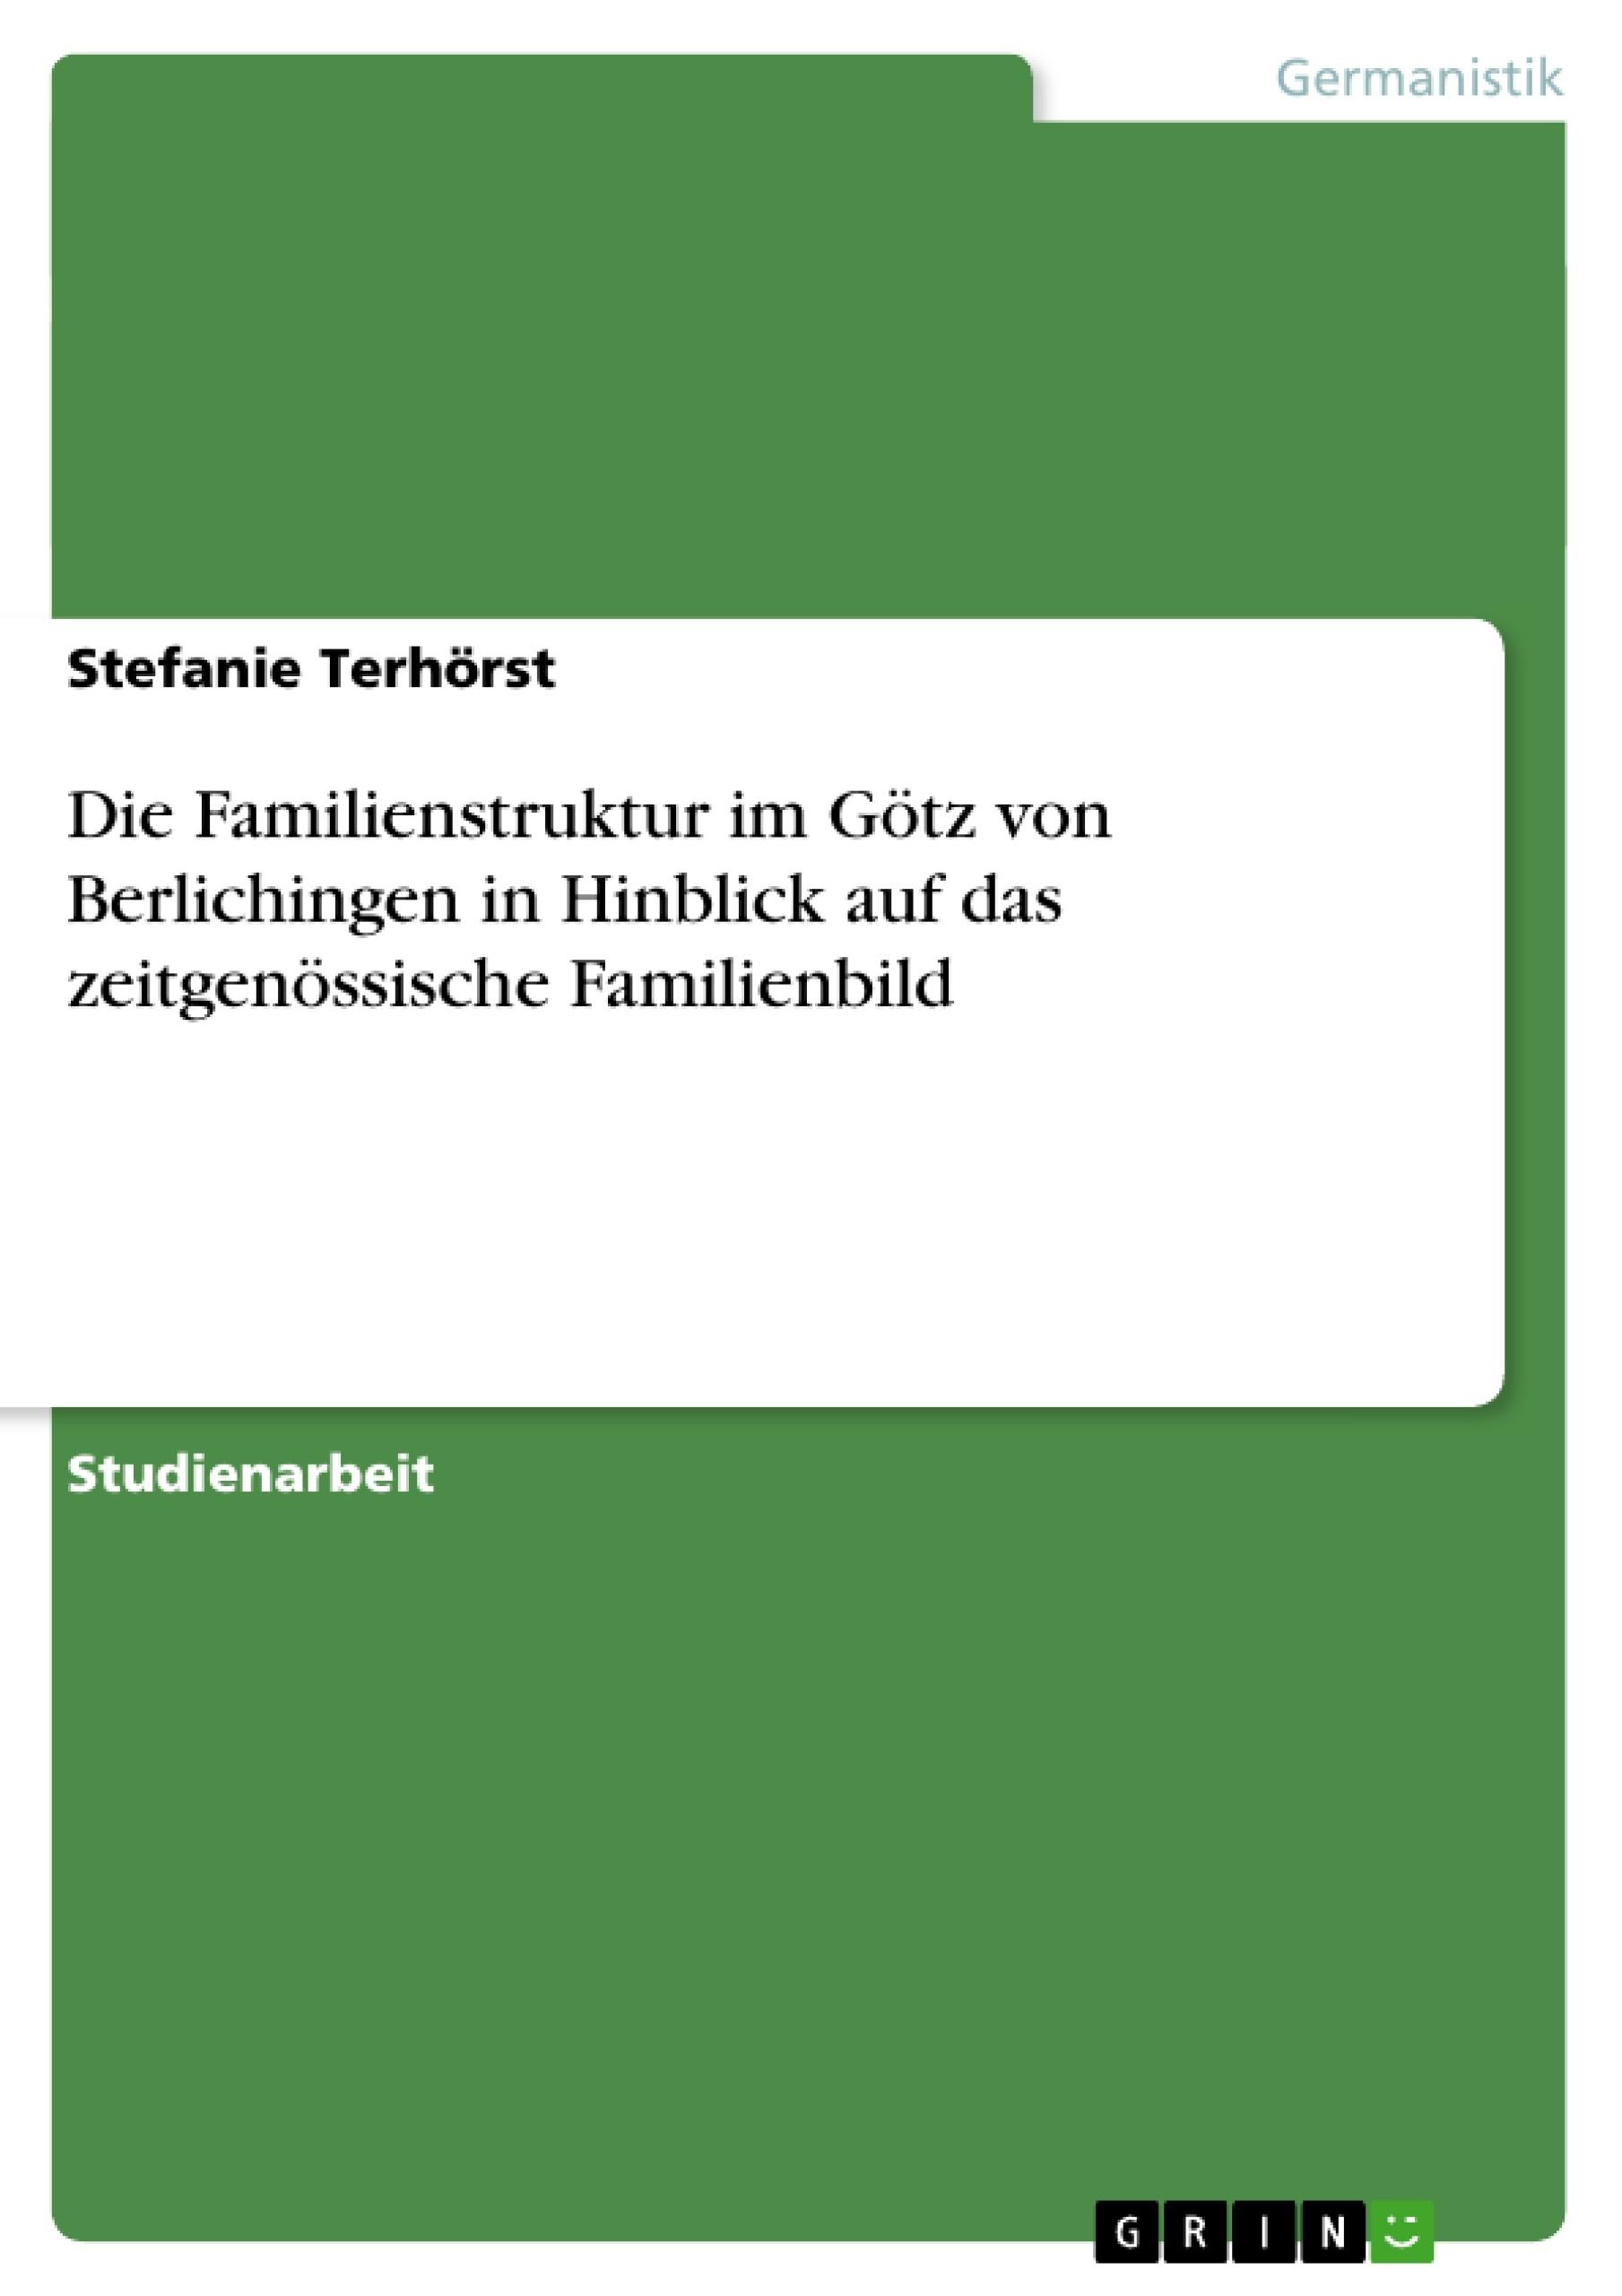 Titel: Die Familienstruktur im Götz von Berlichingen in Hinblick auf das zeitgenössische Familienbild